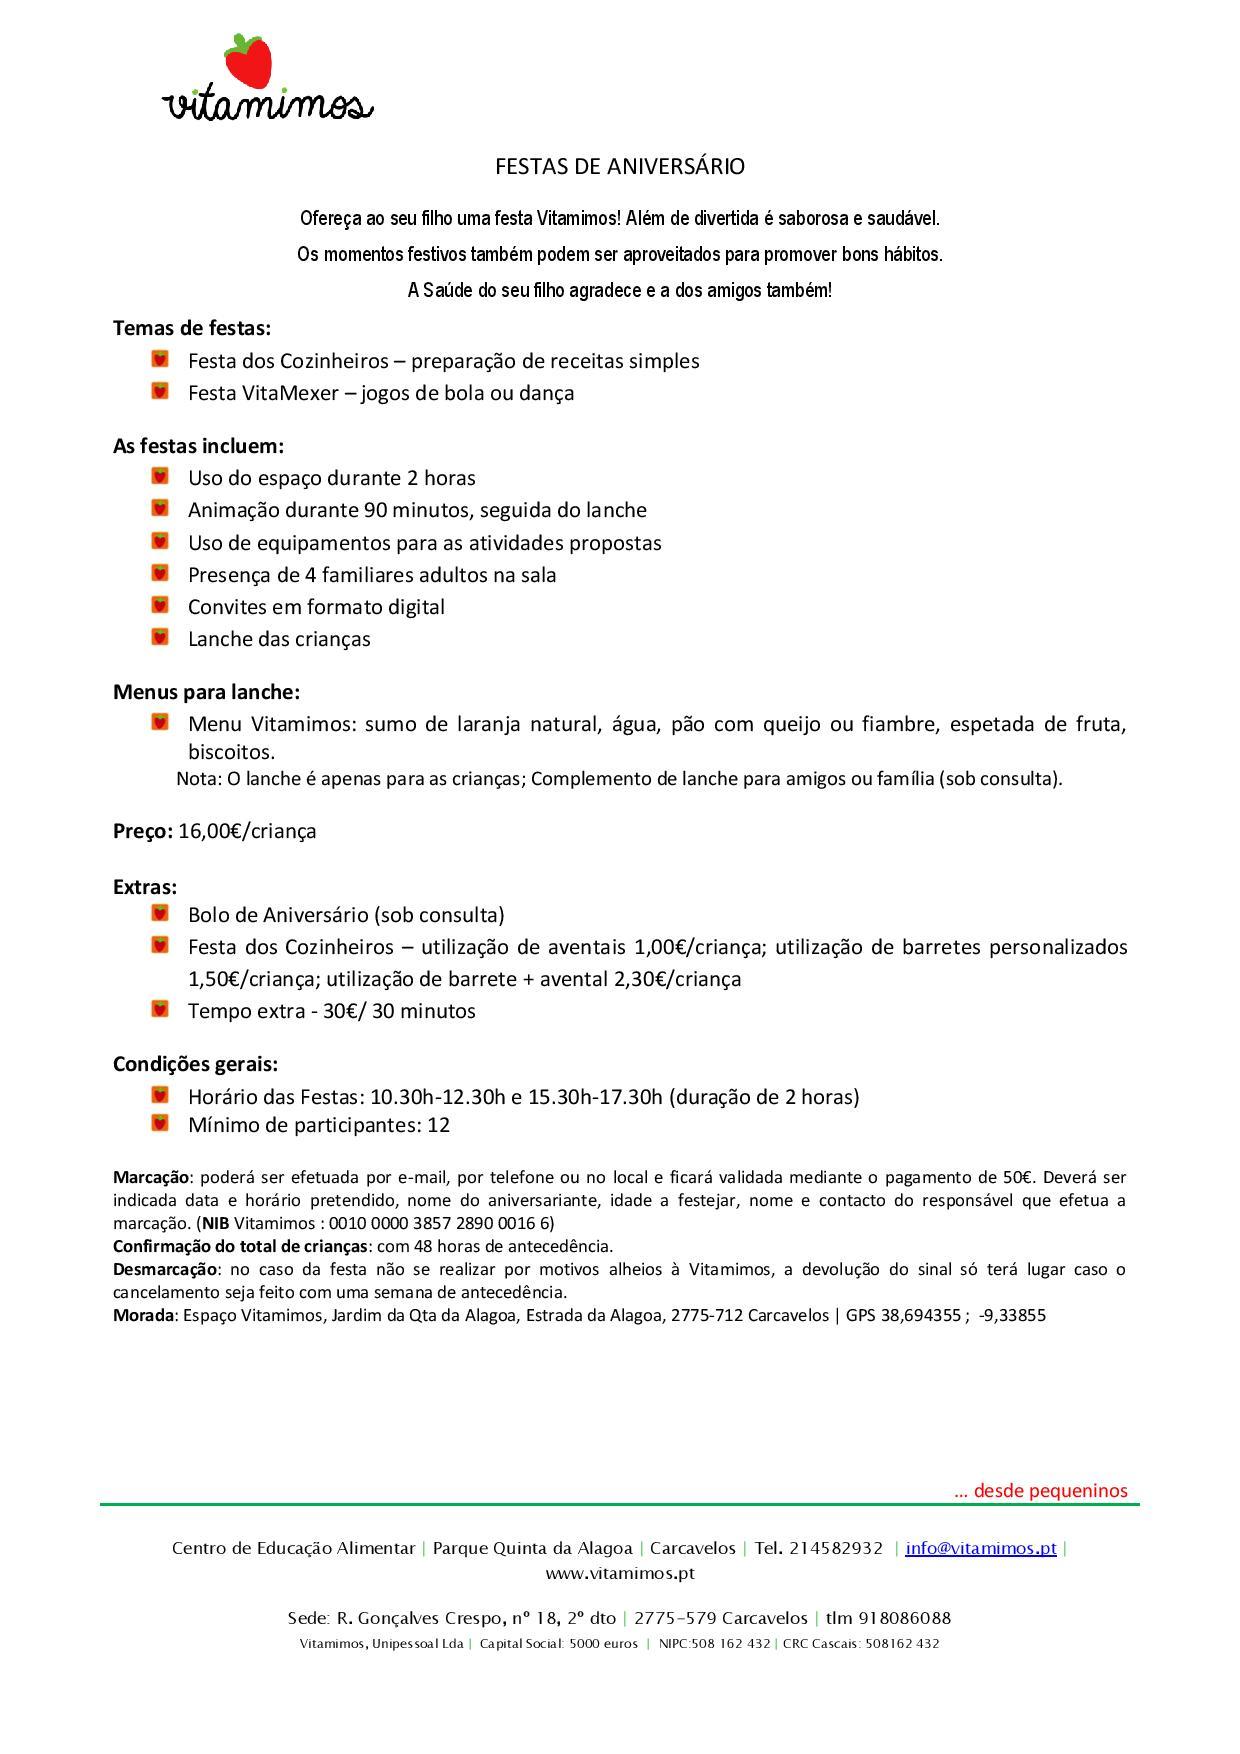 Festas de aniversário Vitamimos-page-001 (1)